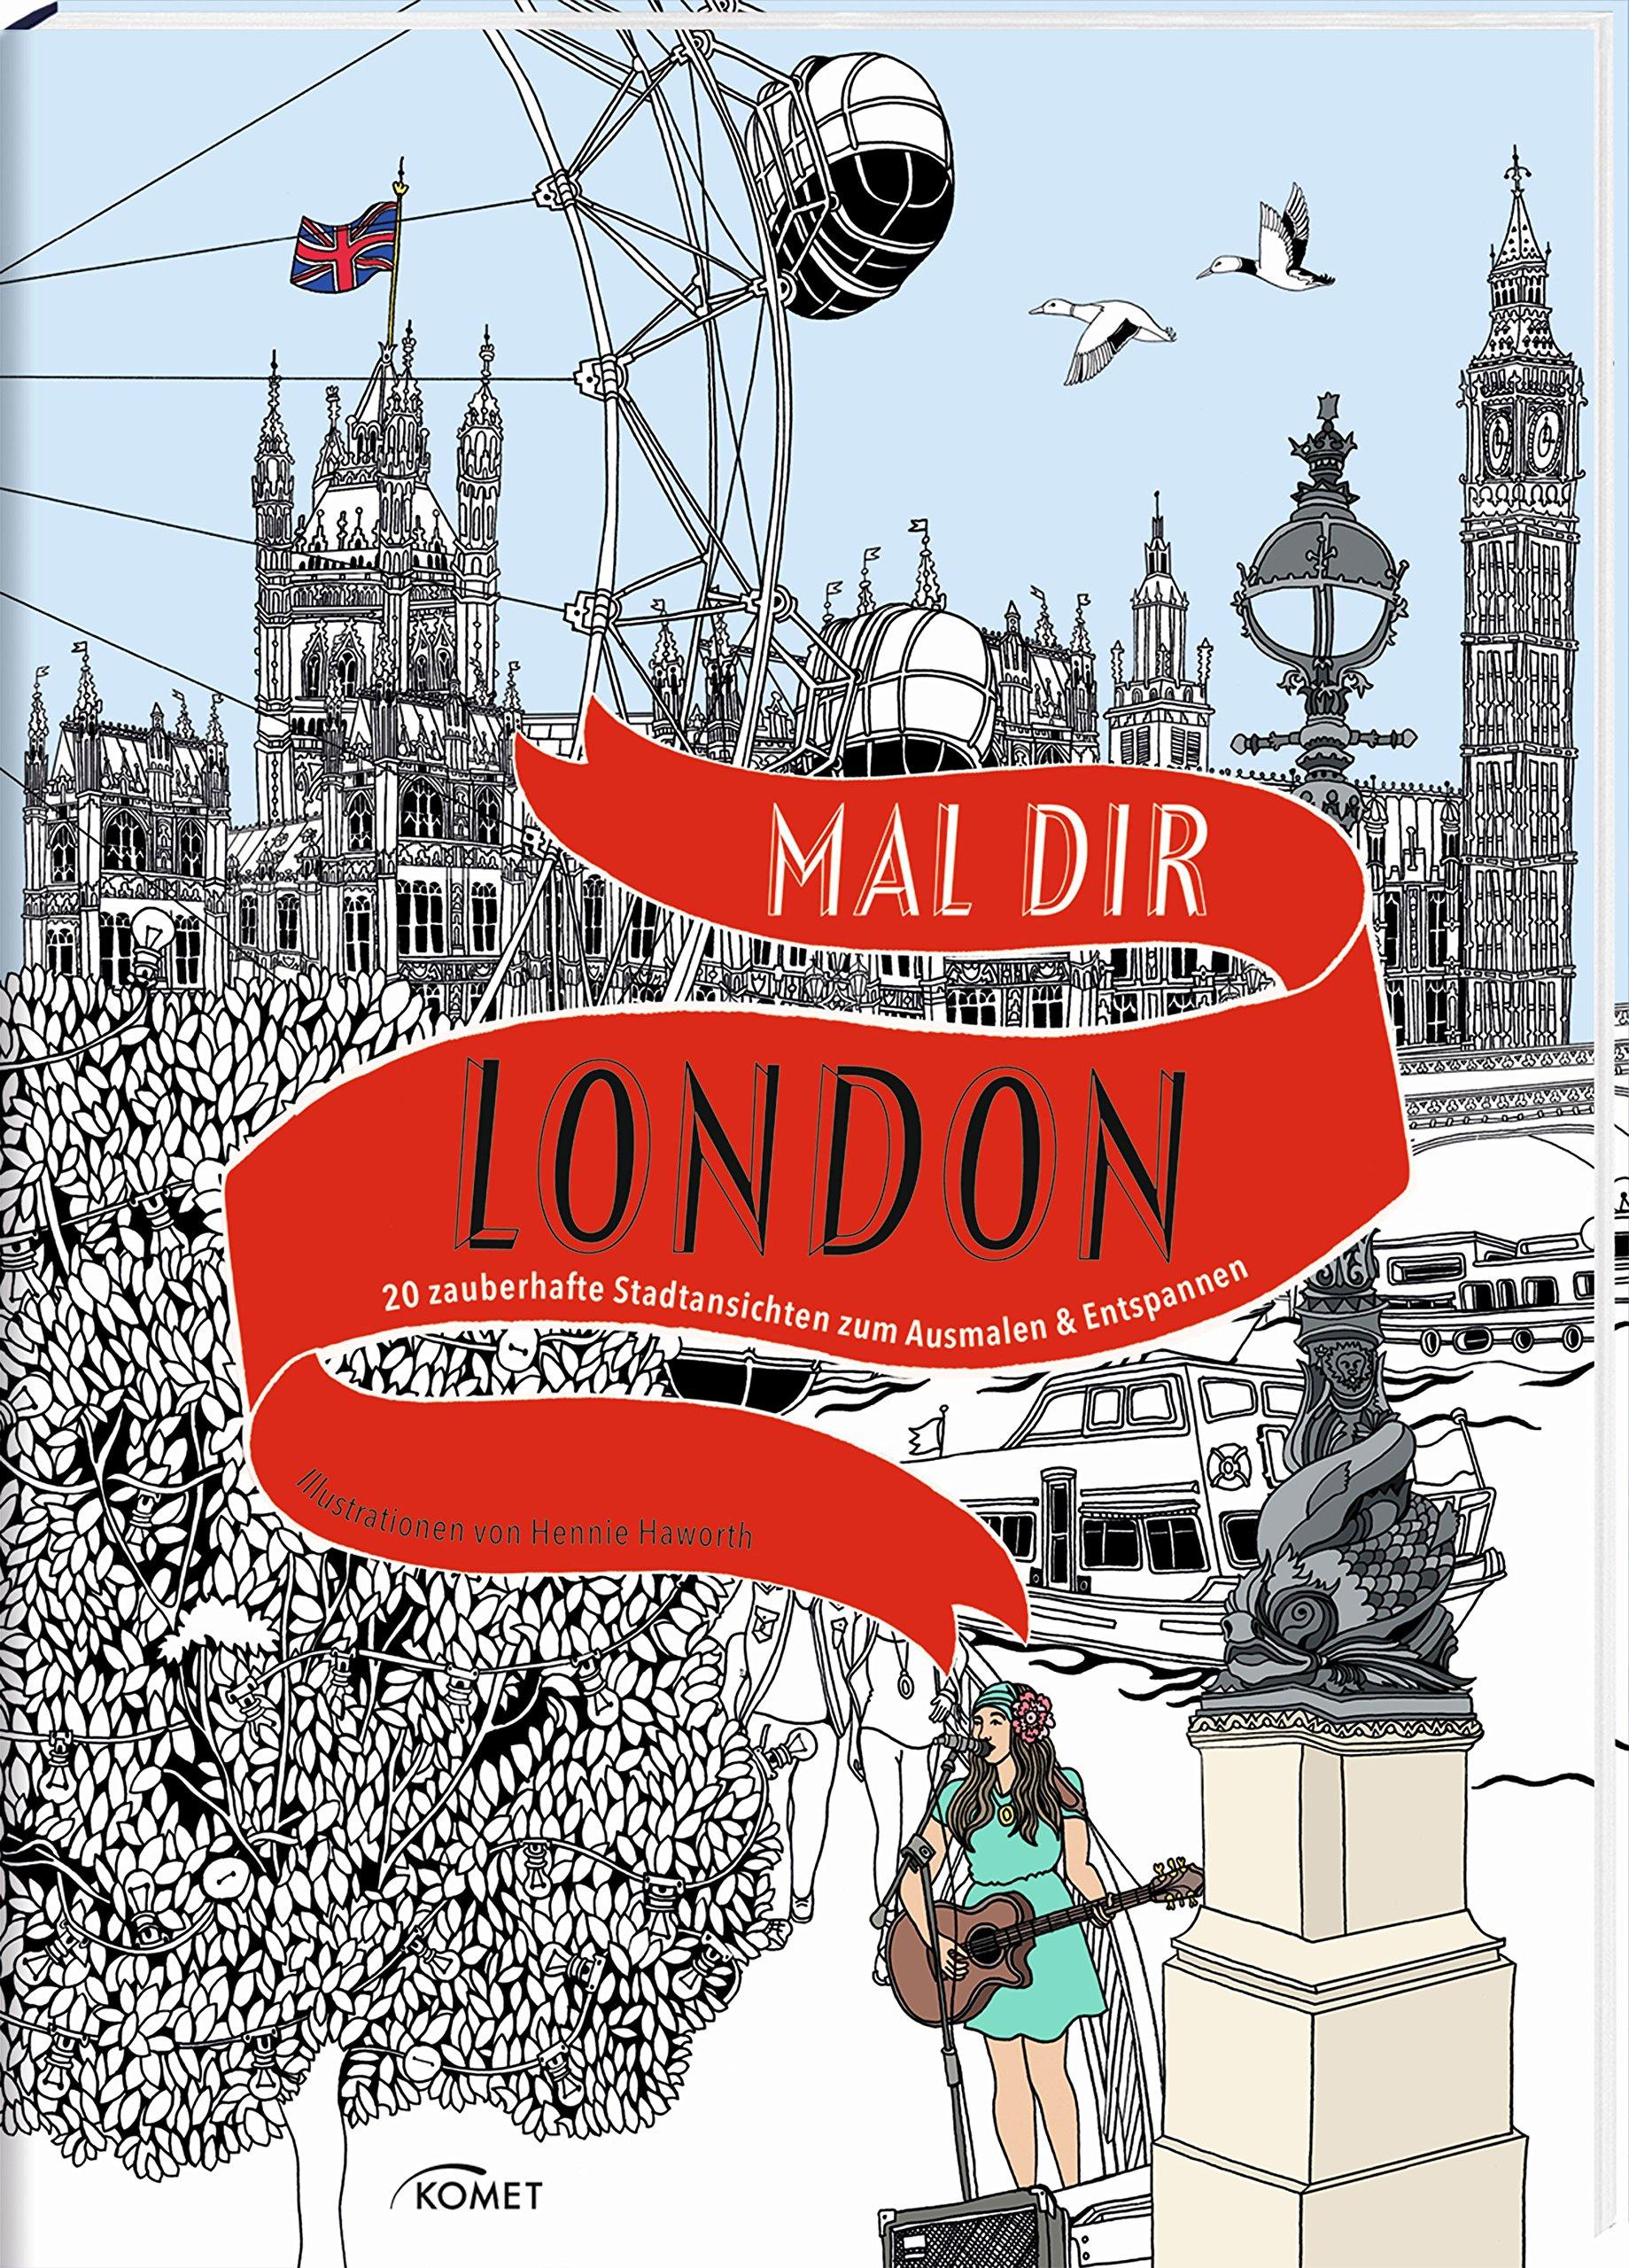 Mal dir London: 20 zauberhafte Stadtansichten zum Ausmalen & Entspannen